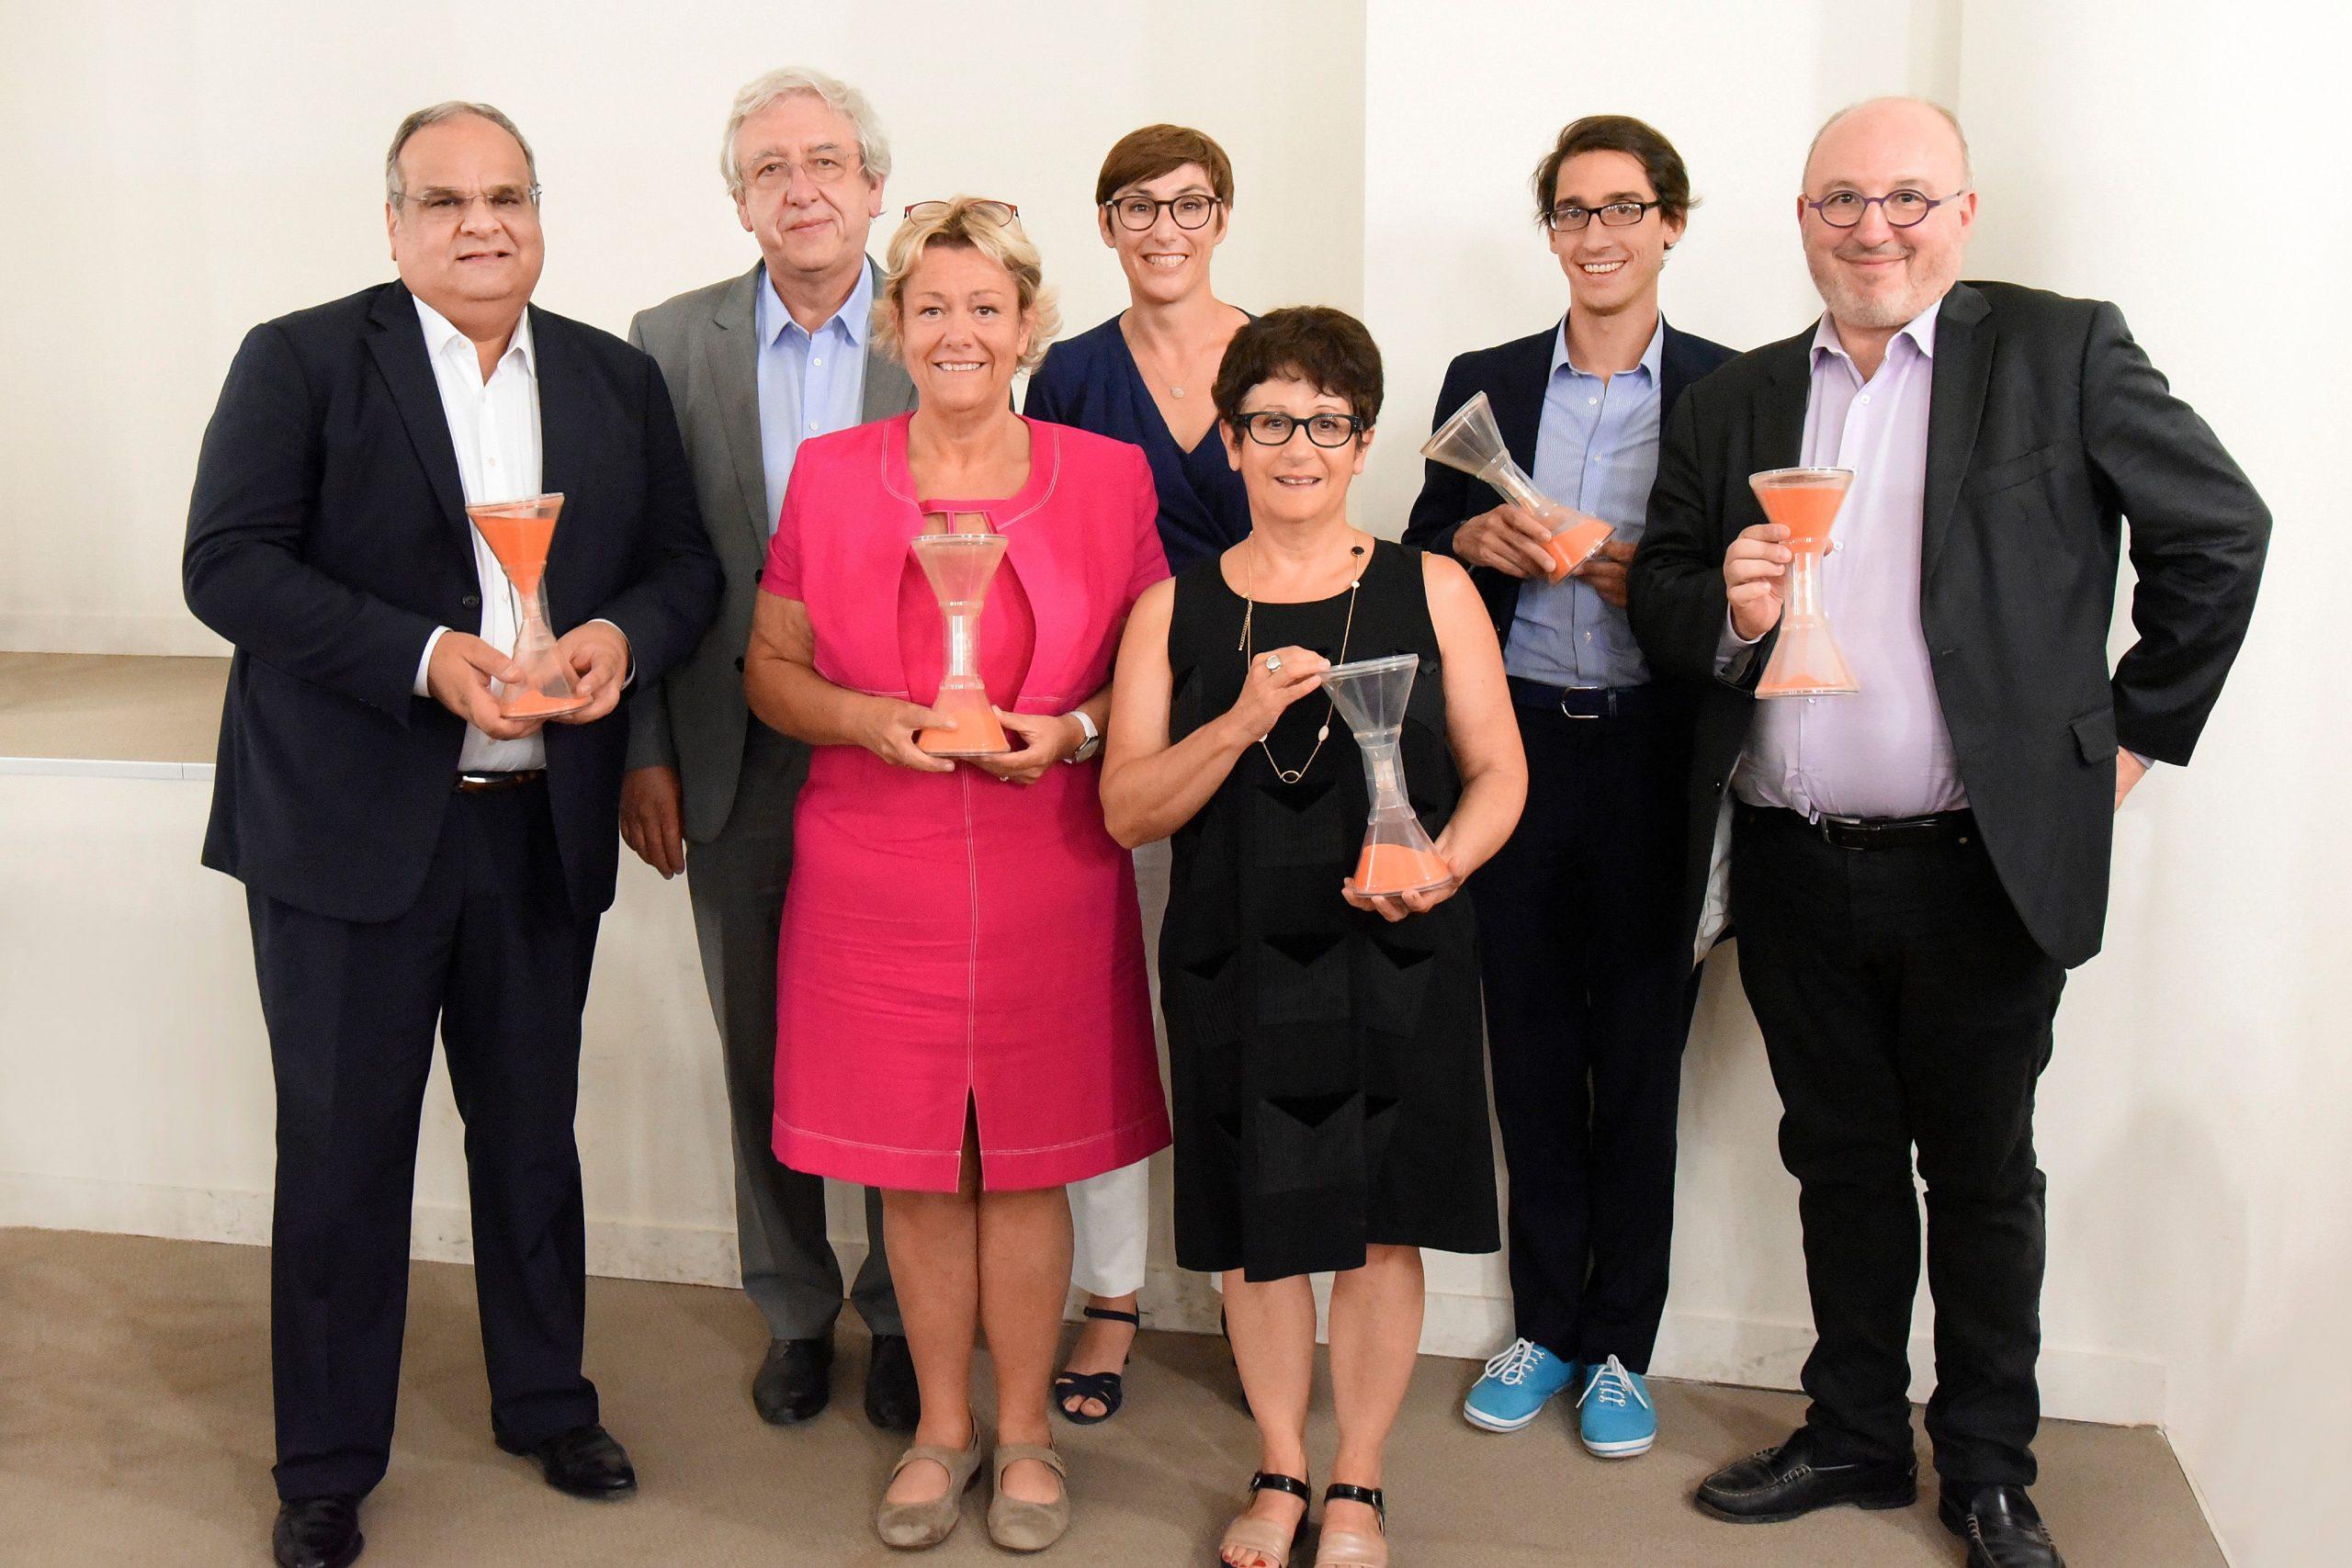 Event-Gemploi remporte le trophee du temps partage dans la categorie Groupements d'employeurs 4